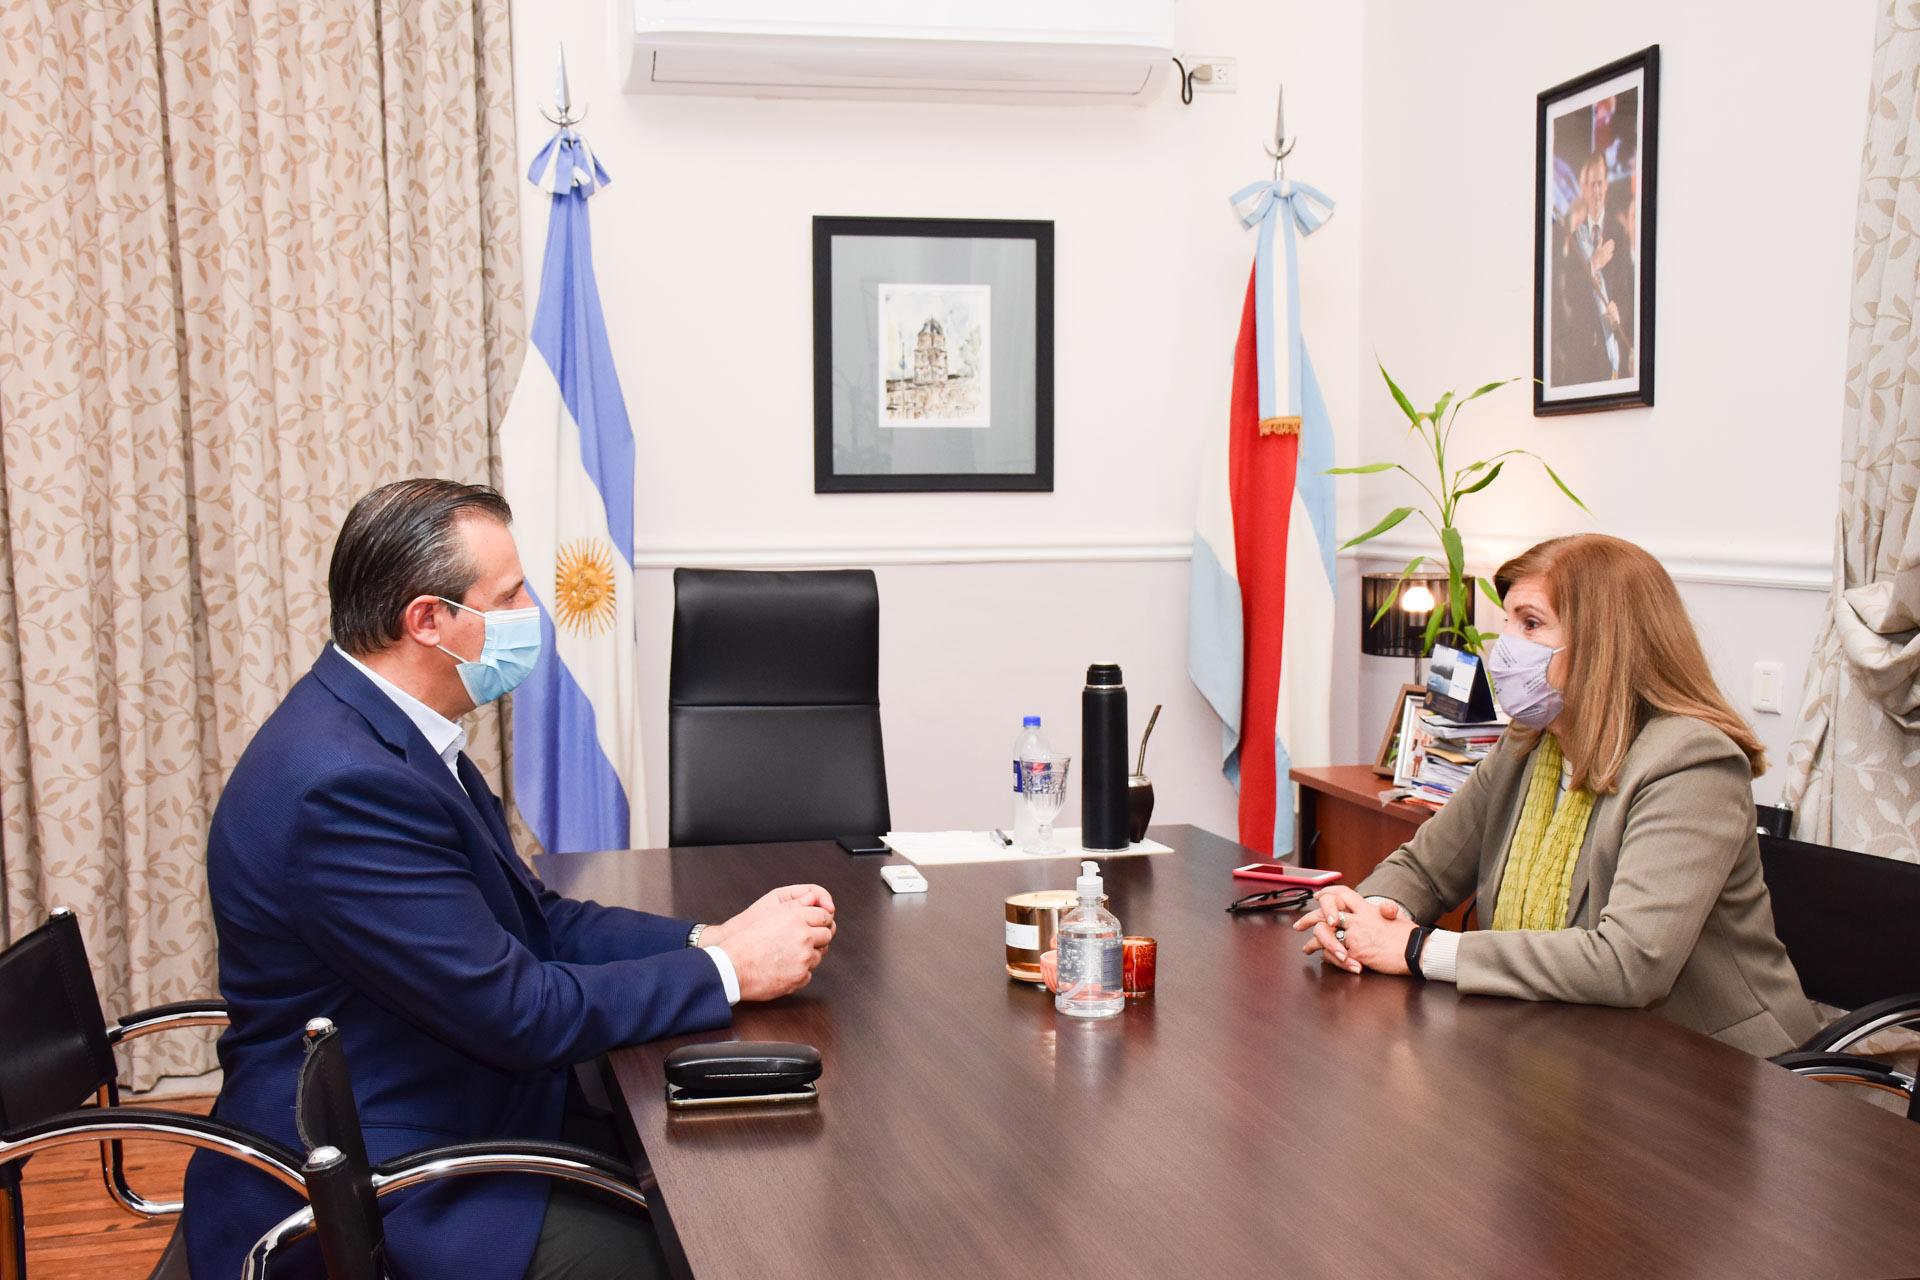 La Municipalidad de Paraná y la provincia planifican operativos de seguridad conjuntos durante el receso invernal